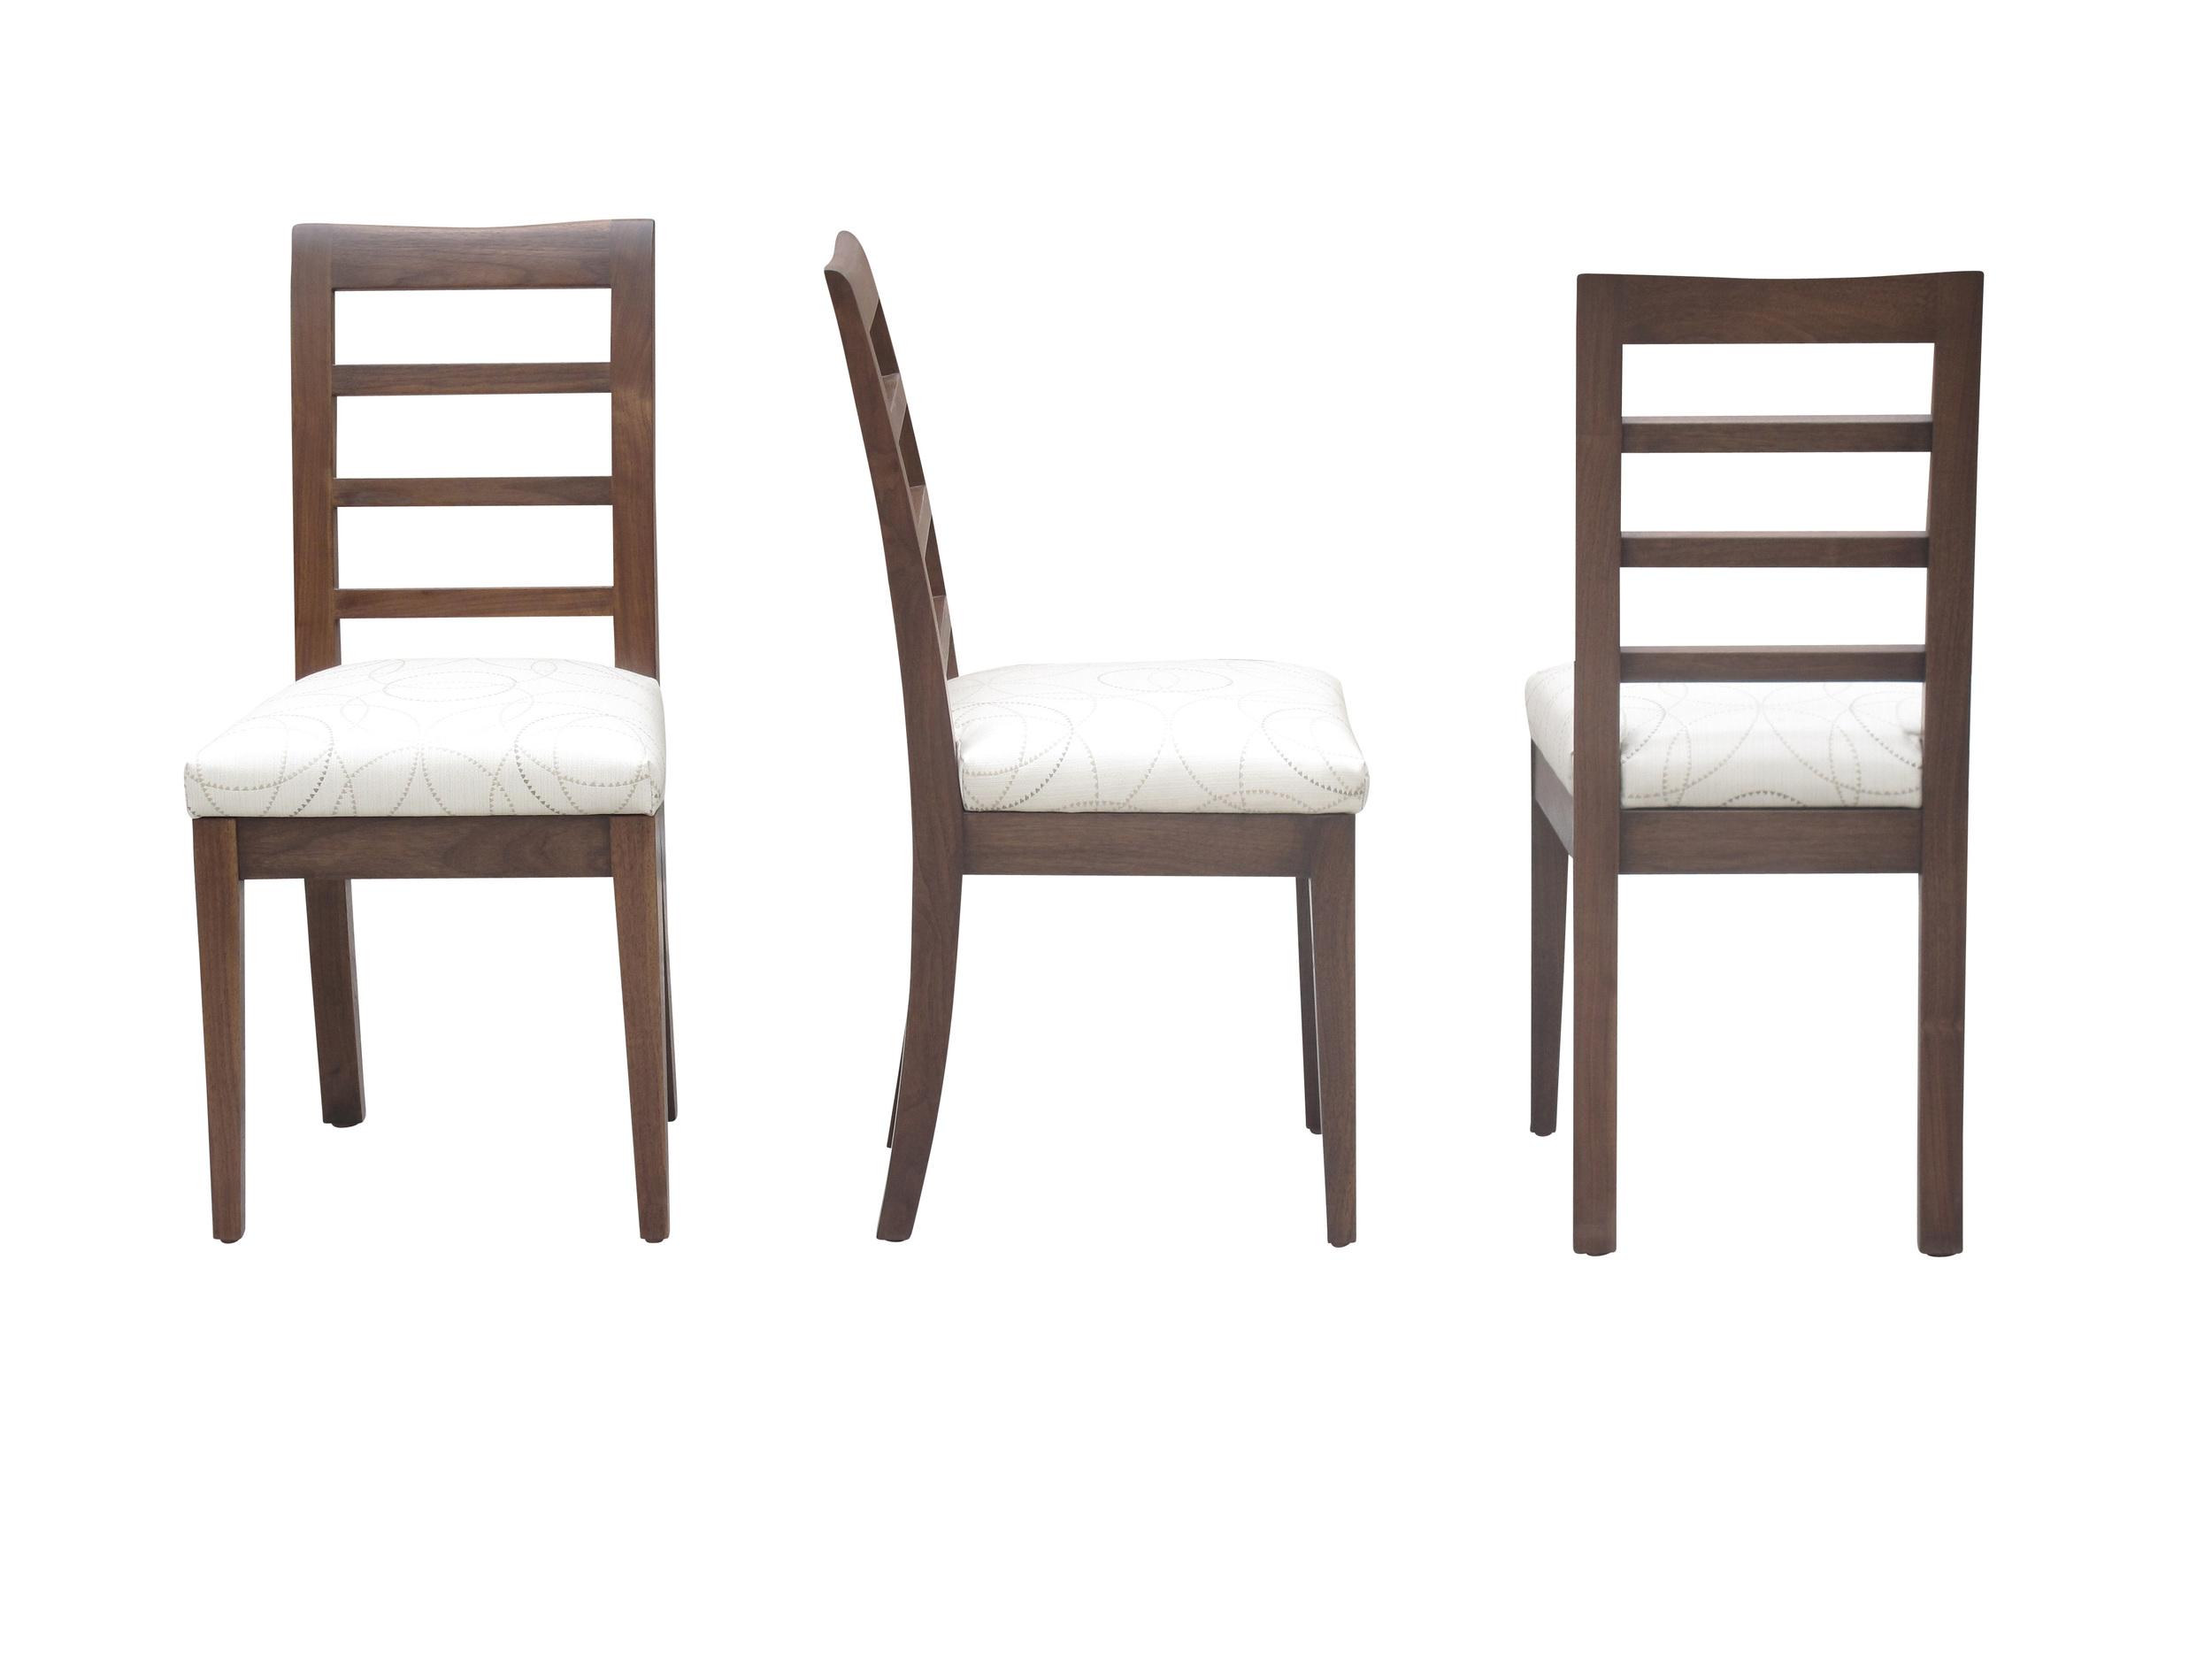 HILSDALE Chair